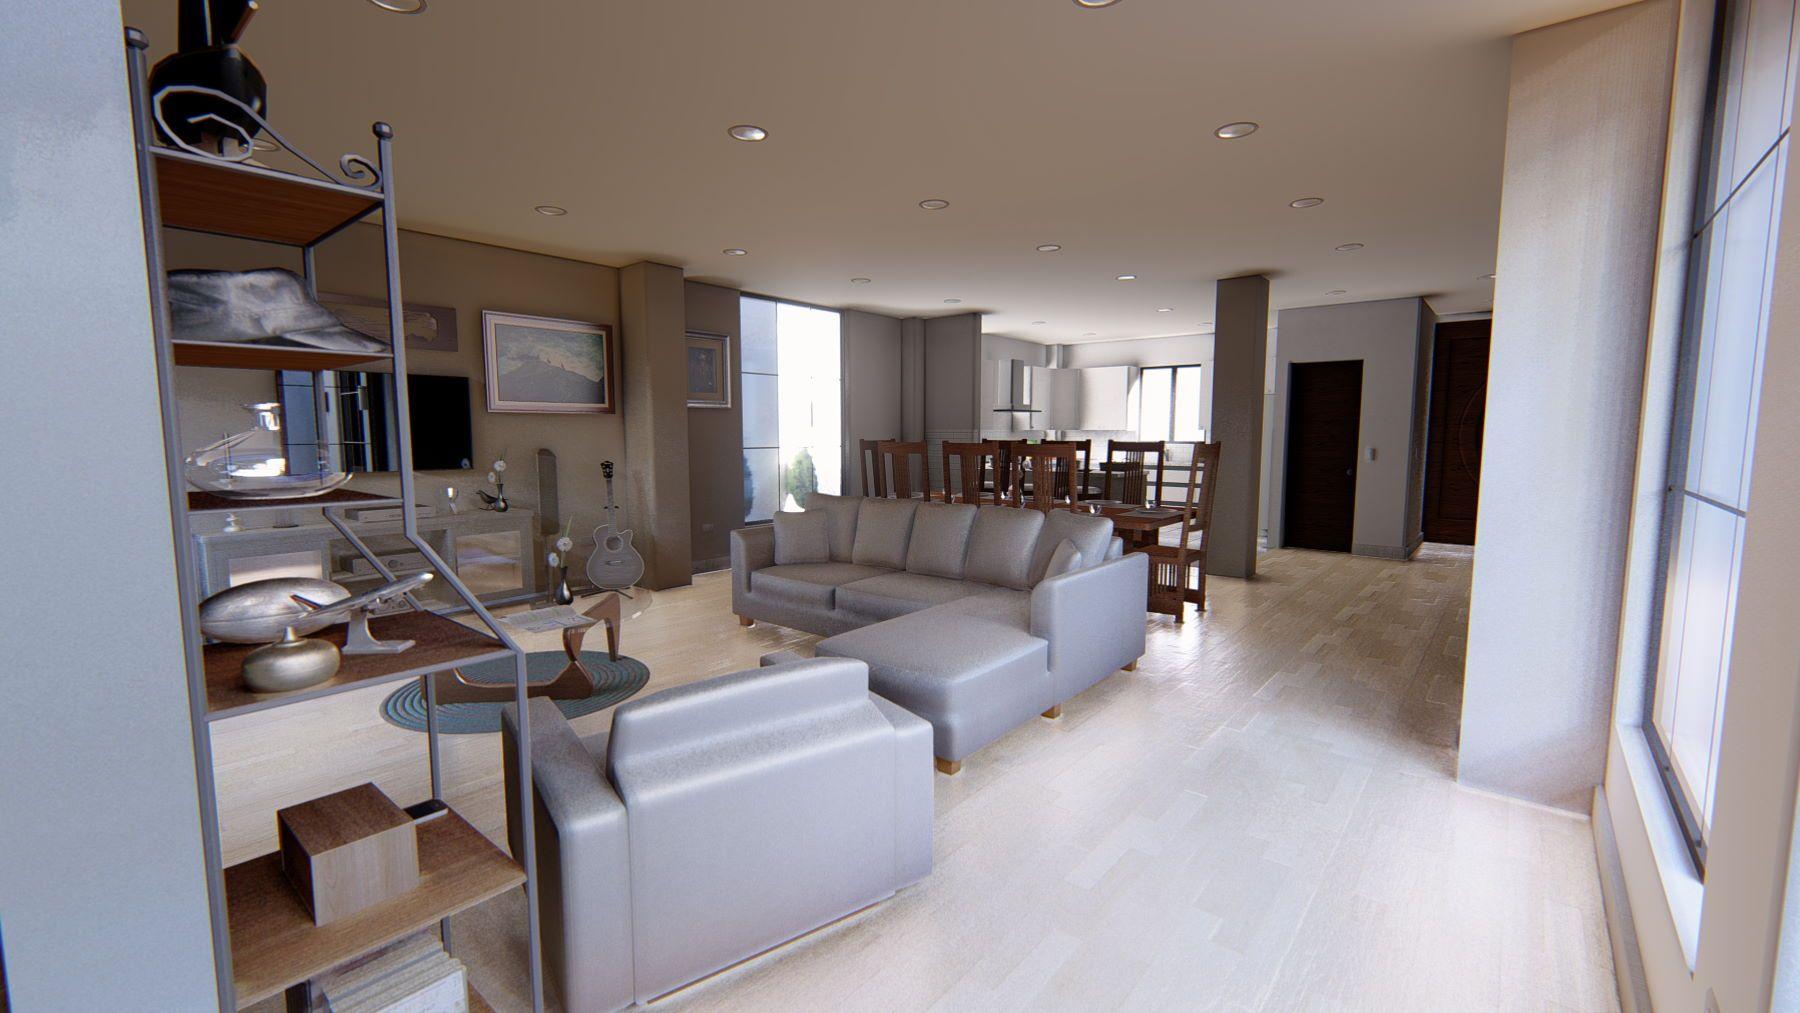 Floor plan features open living spaces